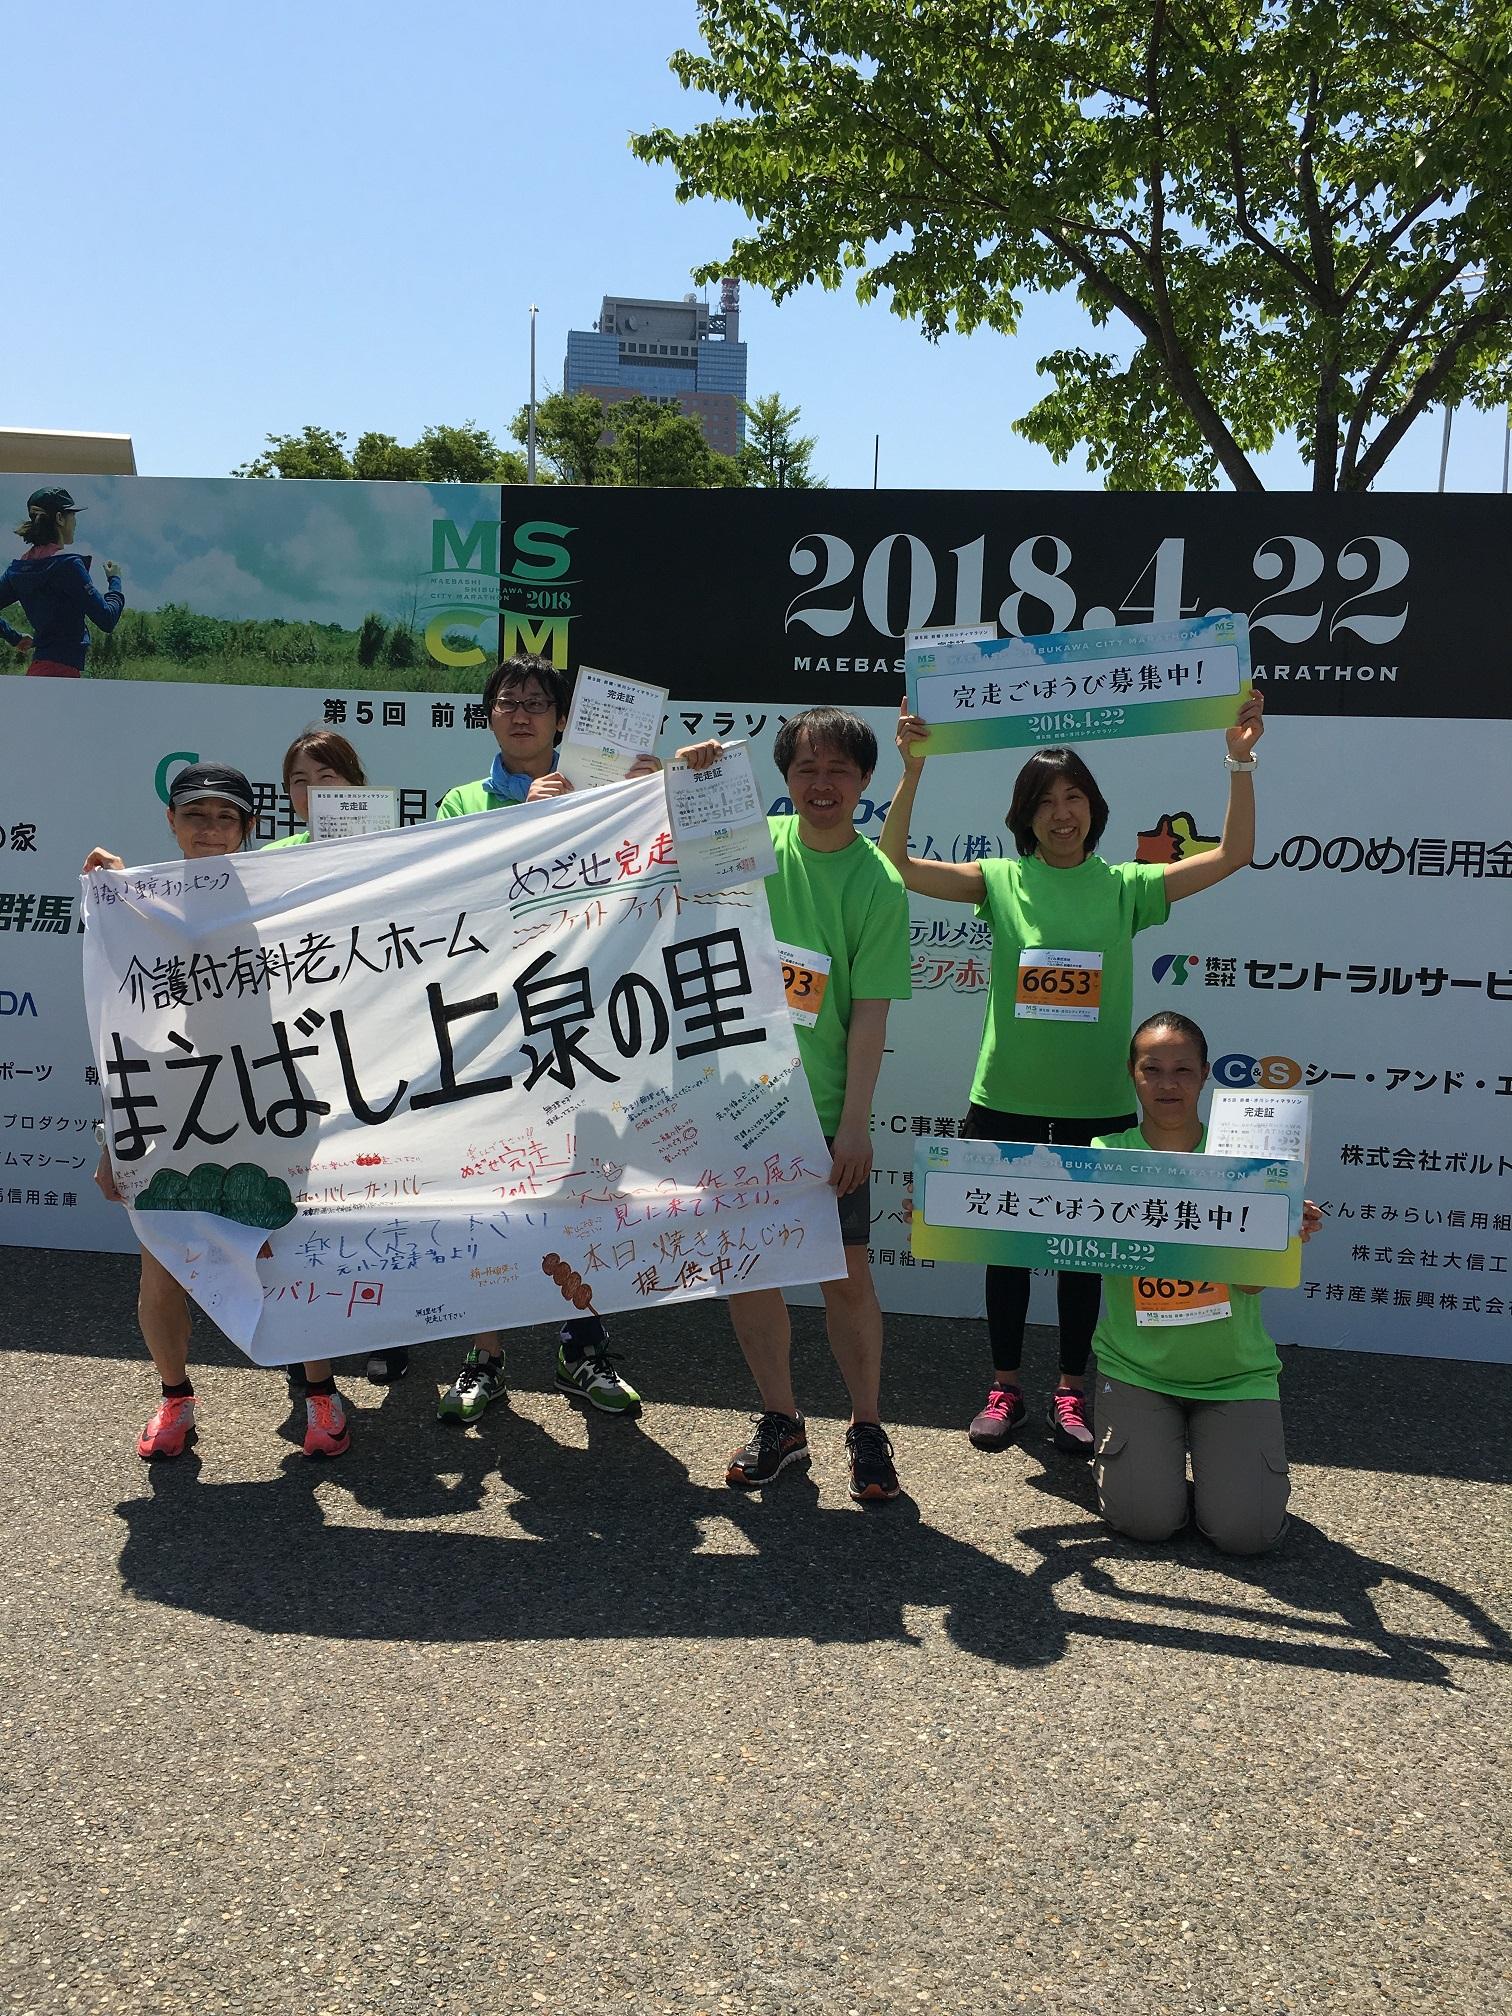 まえばし上泉の里 激闘!!前橋・渋川シティマラソン2018 | 社会 ...